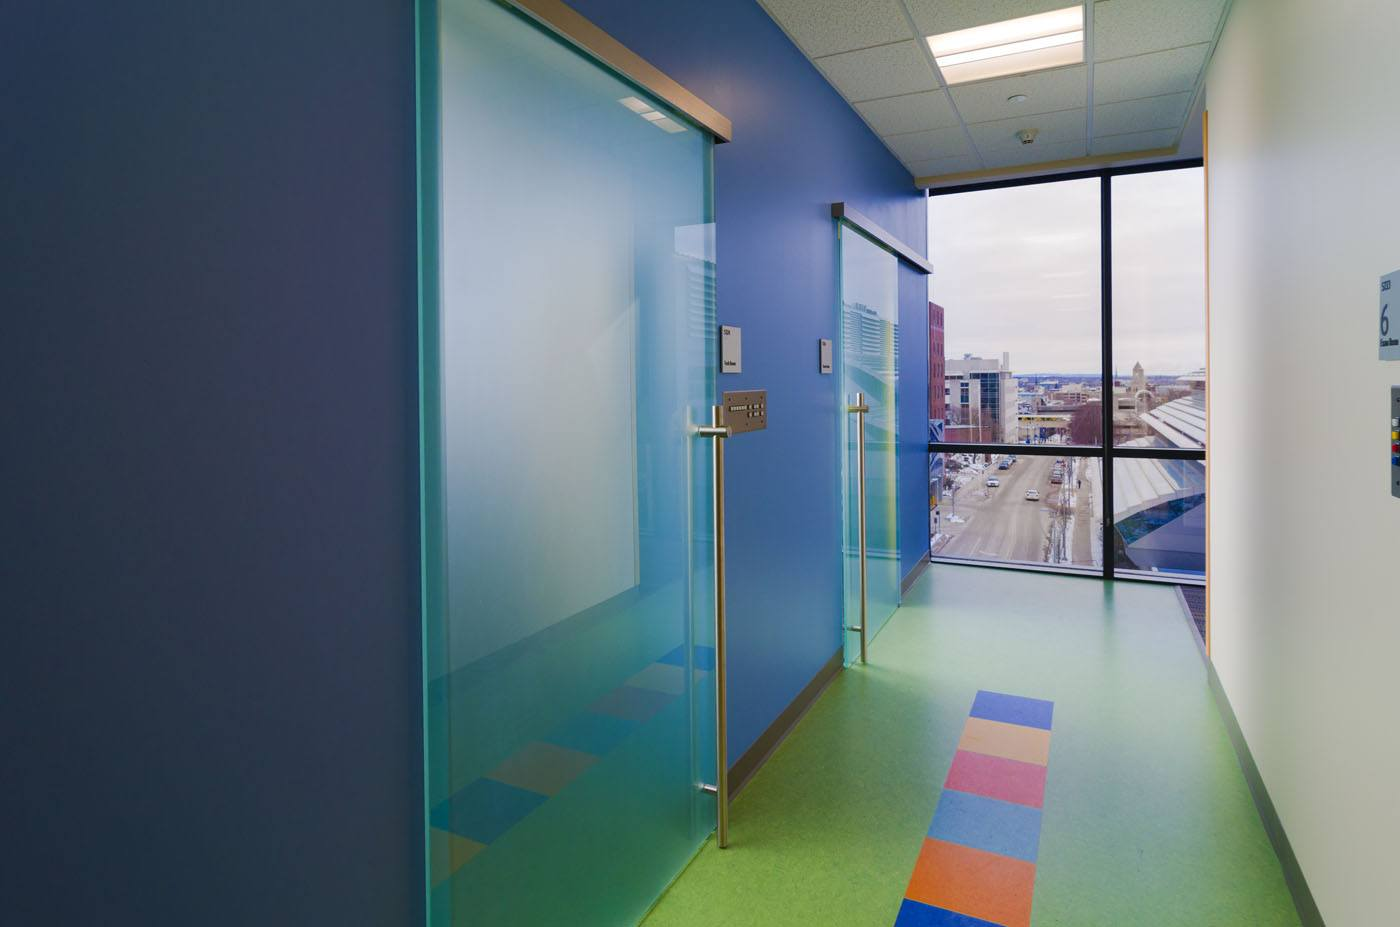 Healthcare Peds Op Hallway